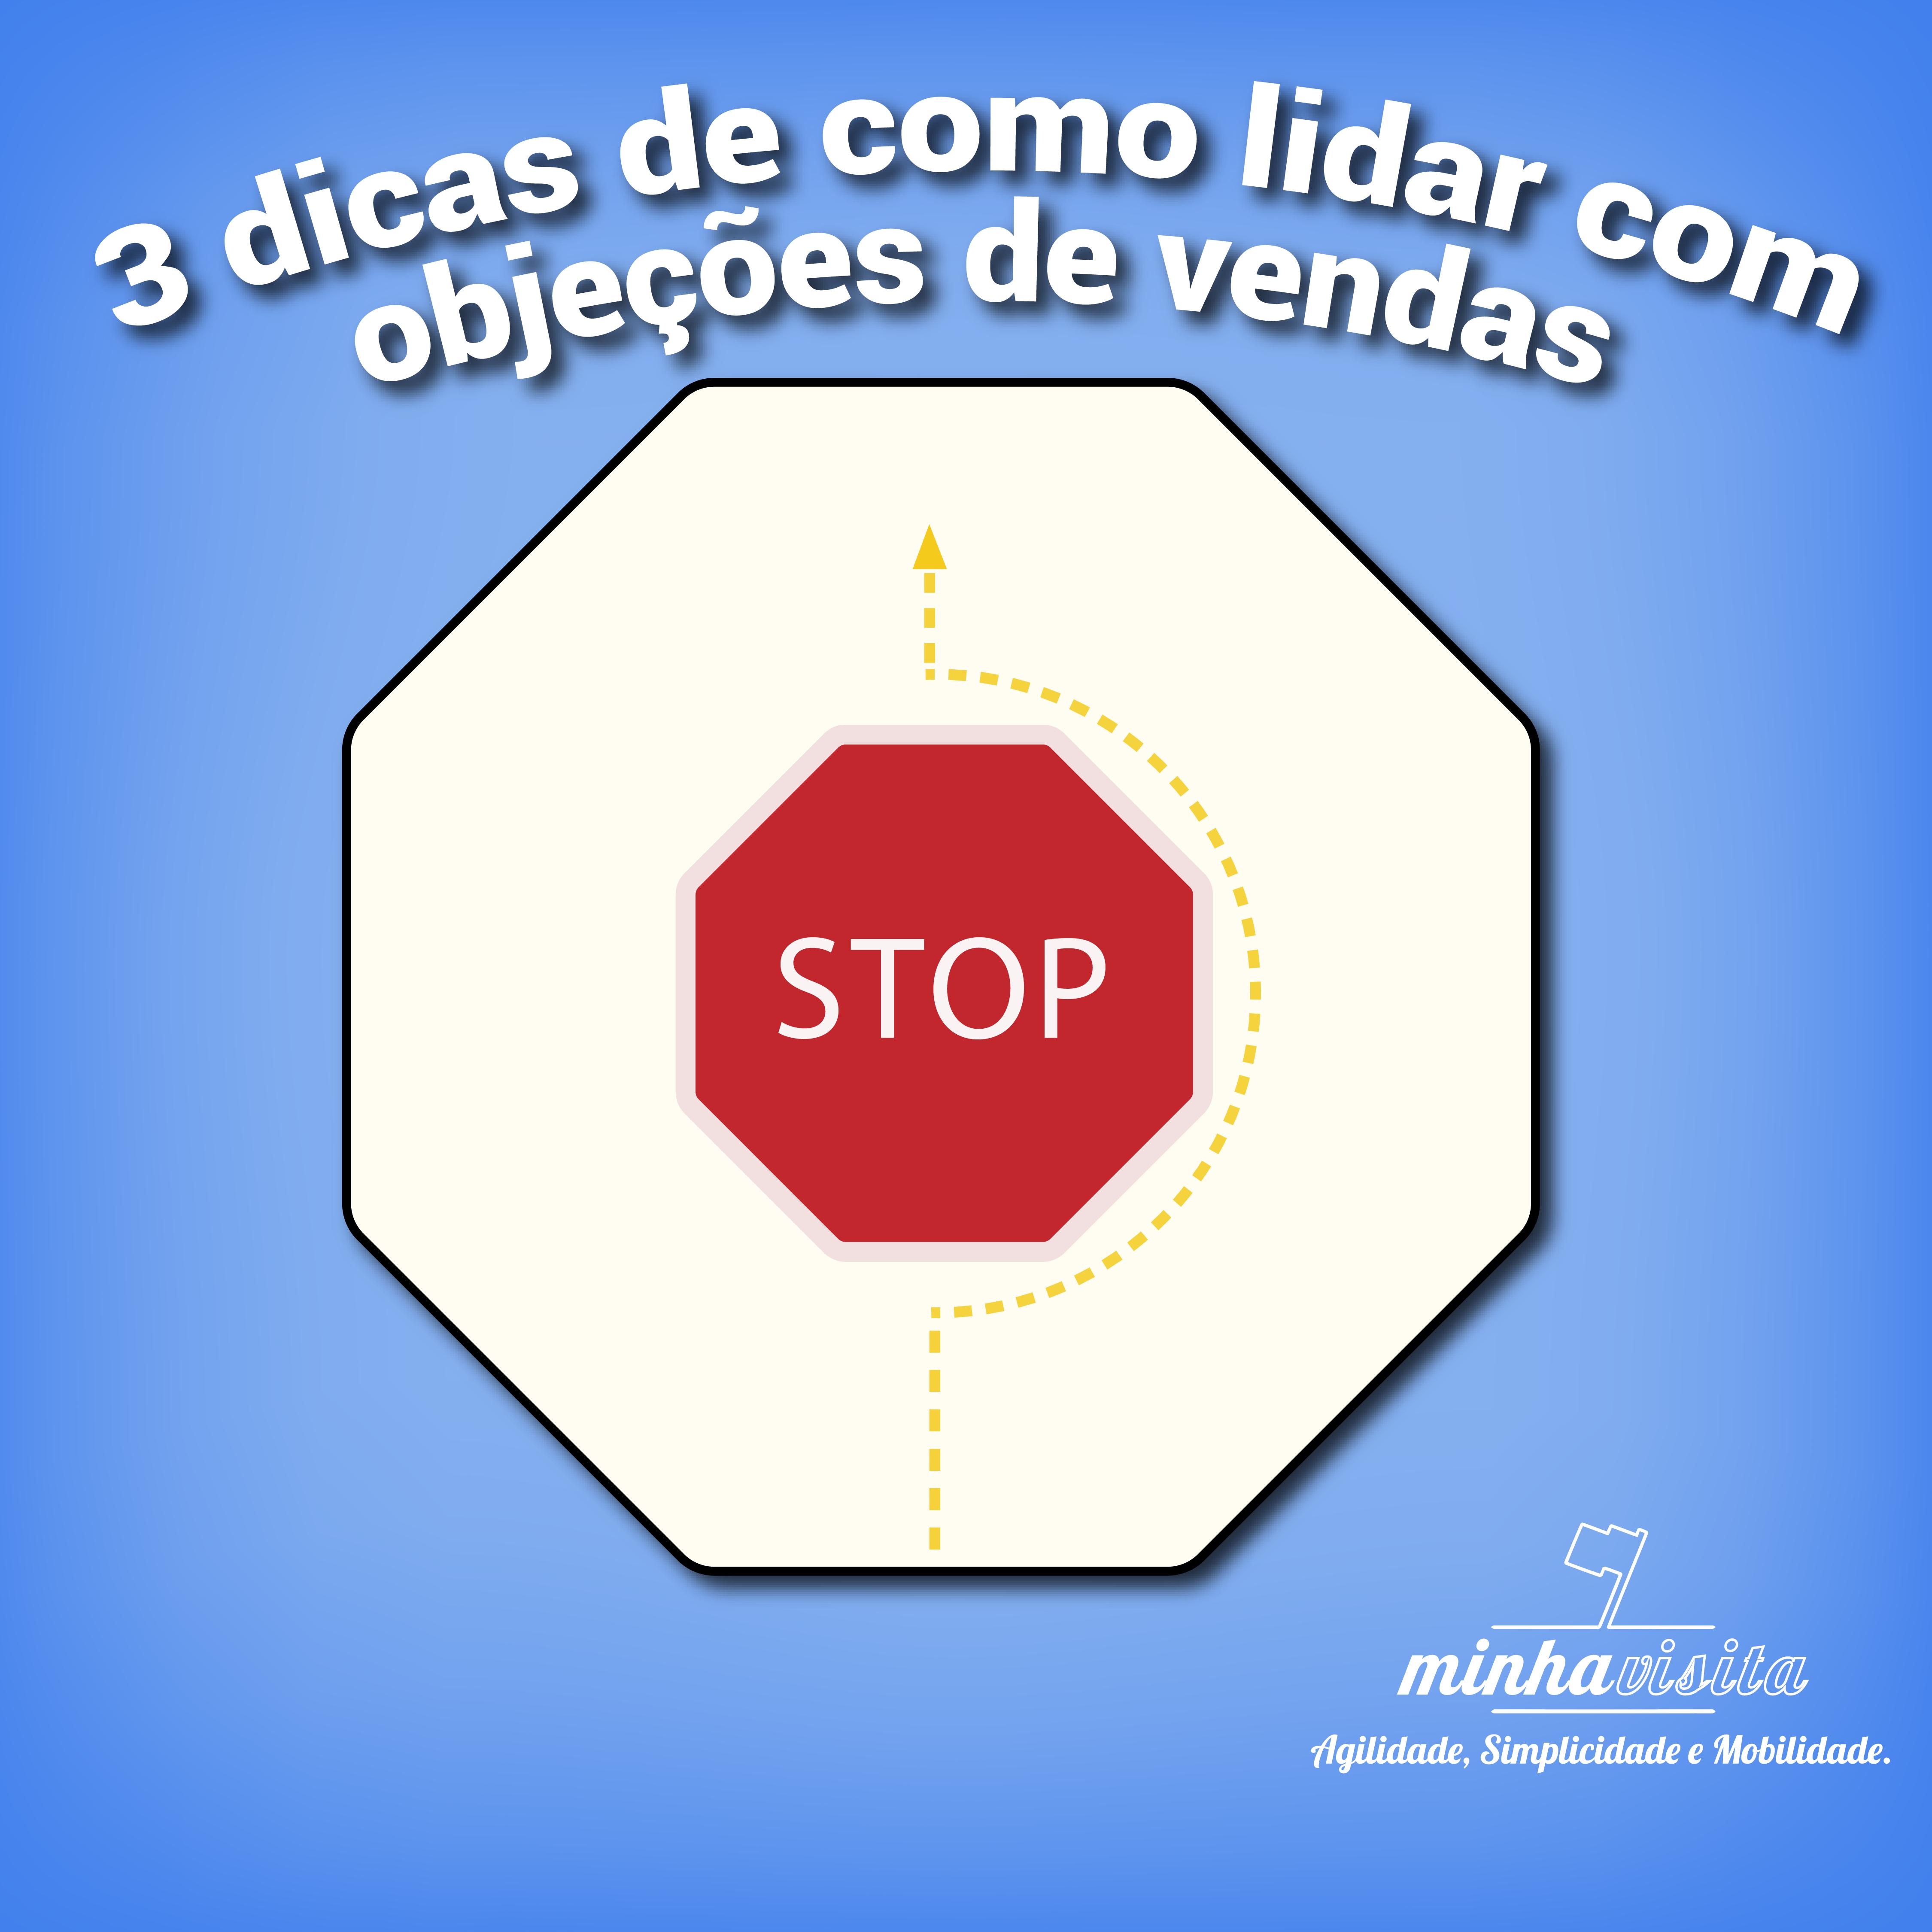 #3 dicas de como lidar com Objeções de Vendas